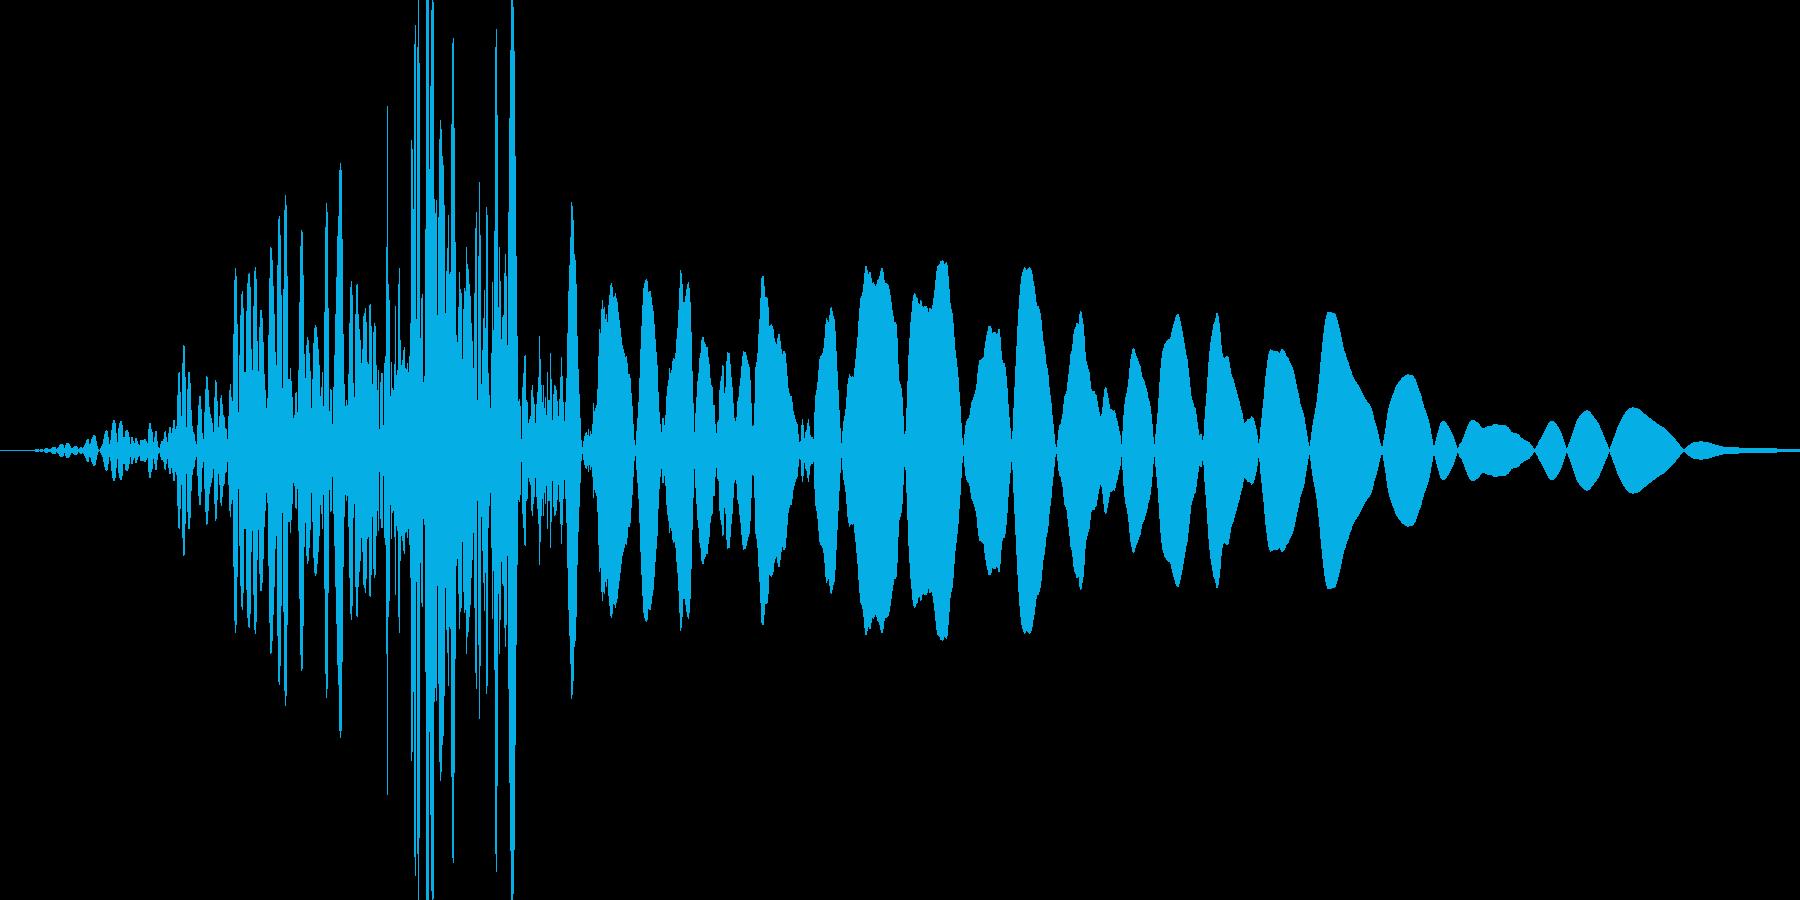 ボフッ(短い風切り音が入っている打撃音)の再生済みの波形